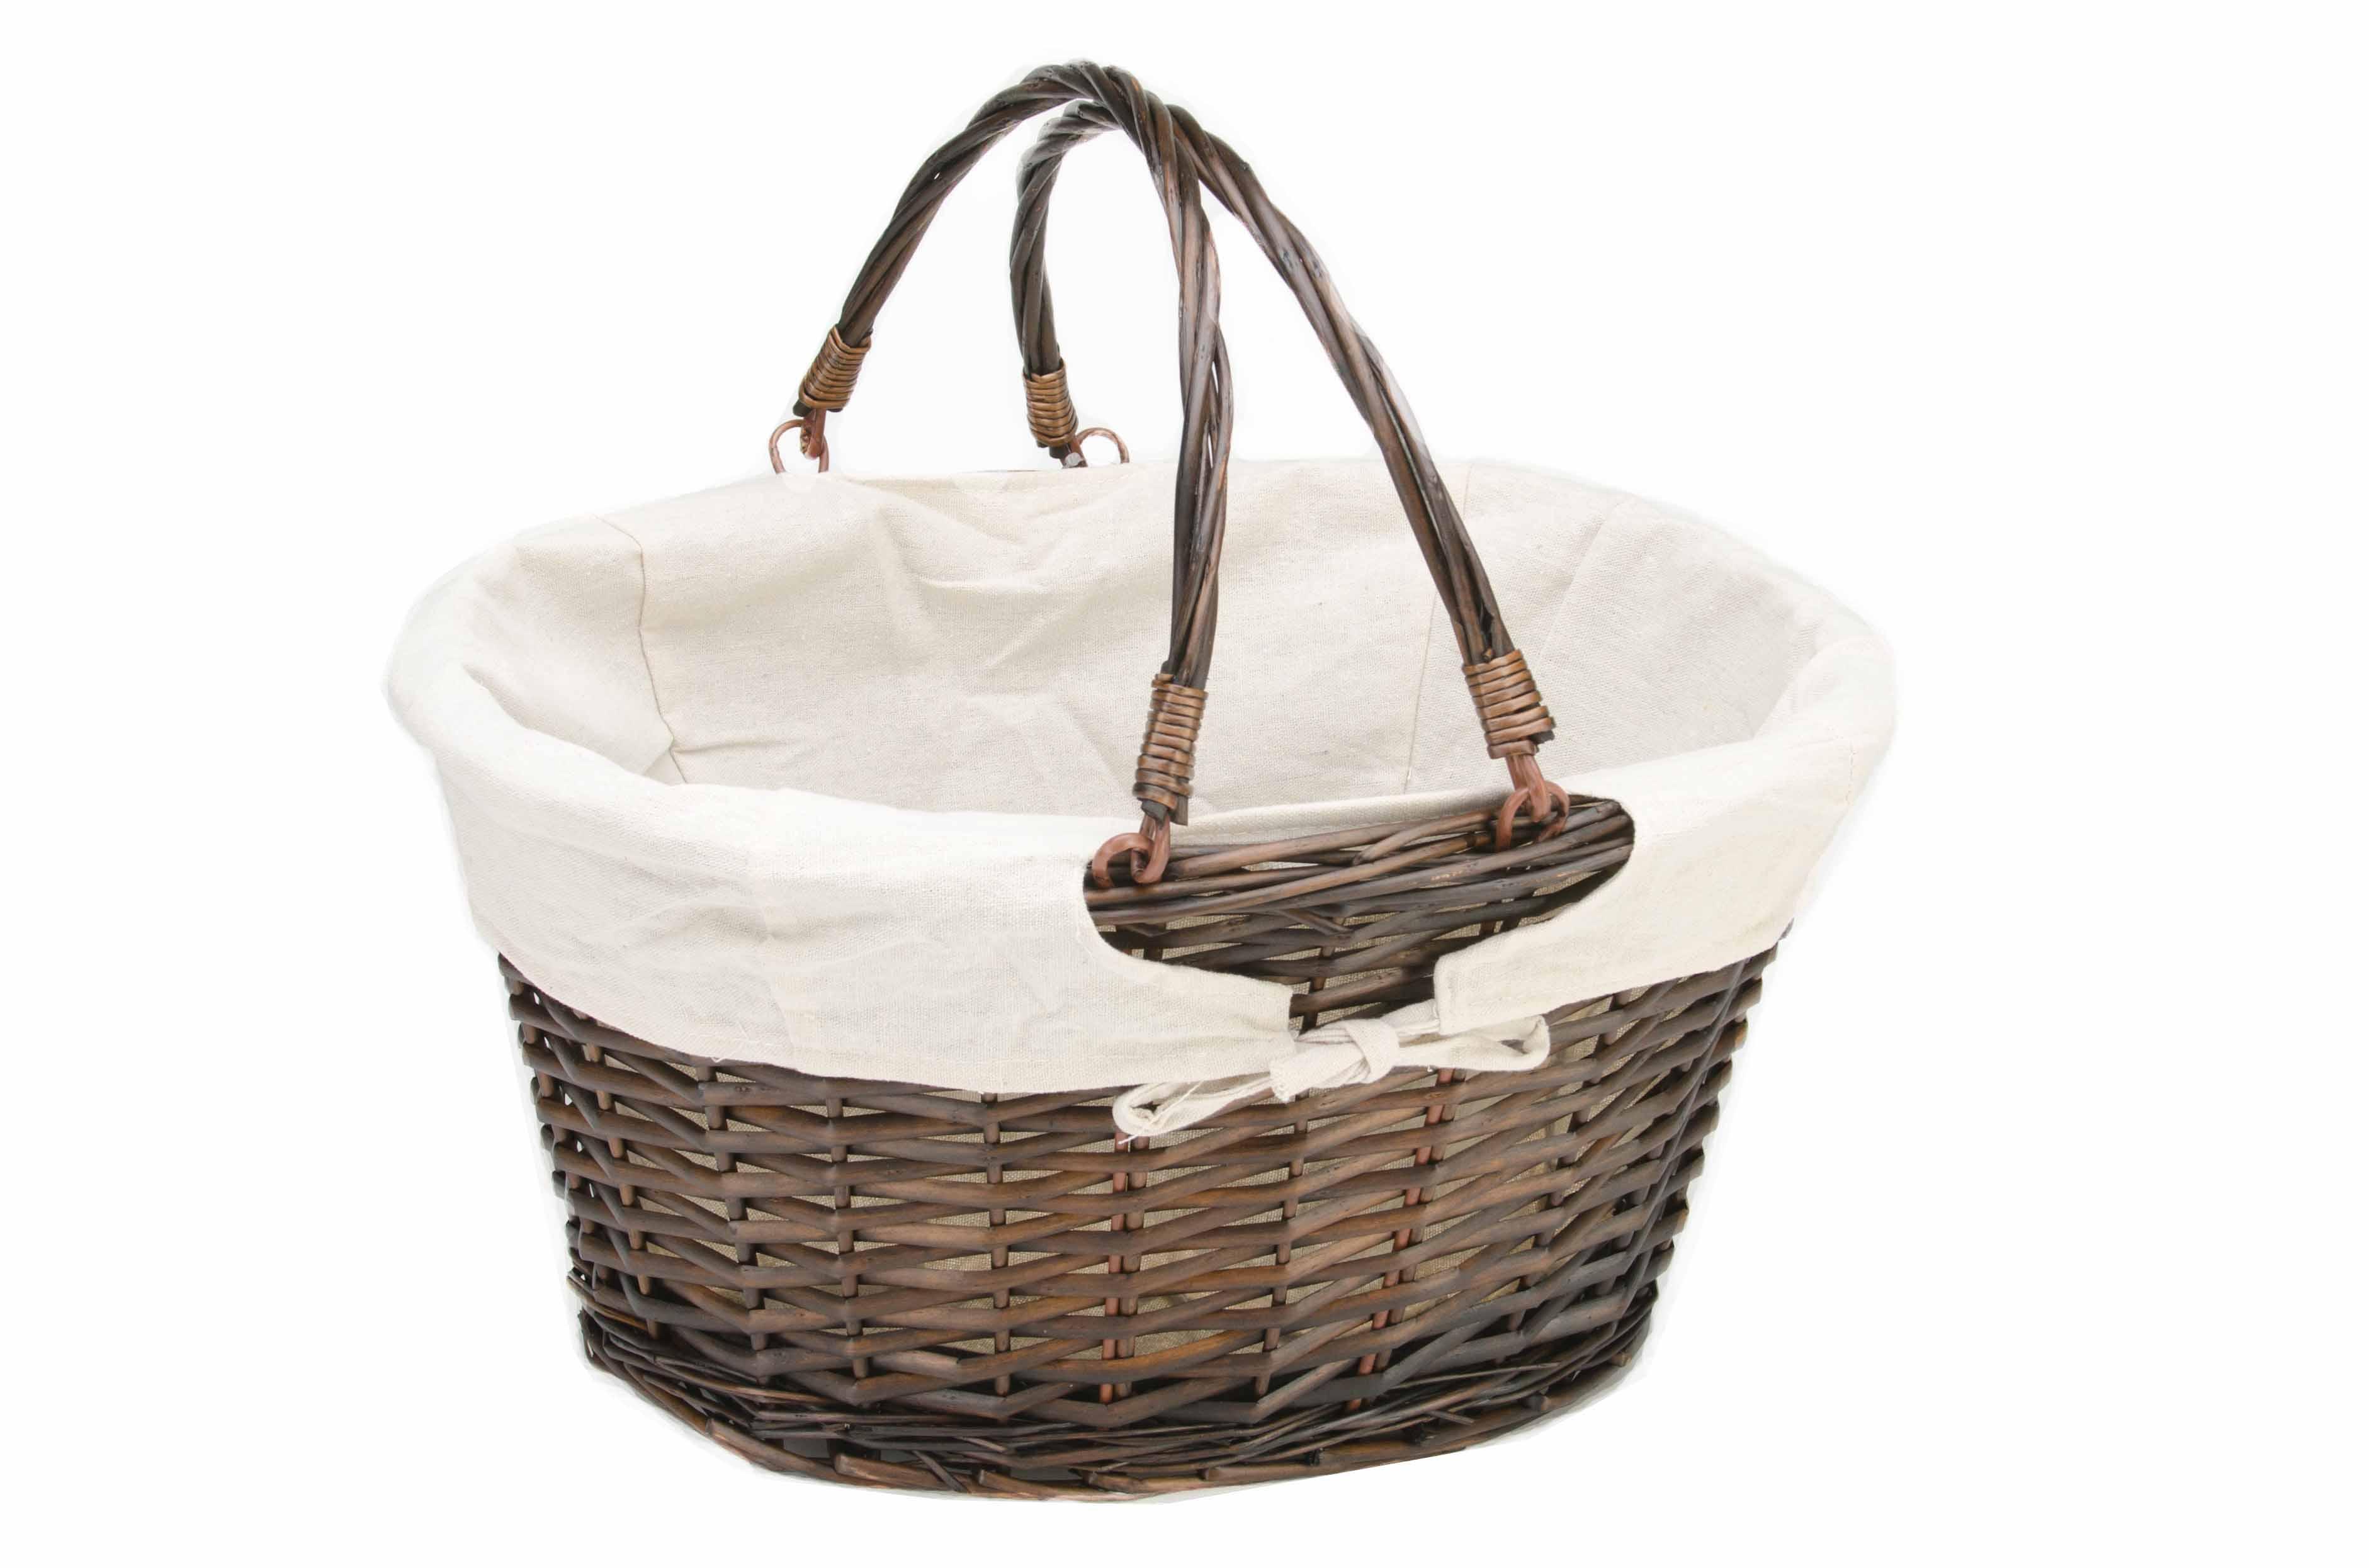 Oval Lined Willow Basket Swing Handles Joann